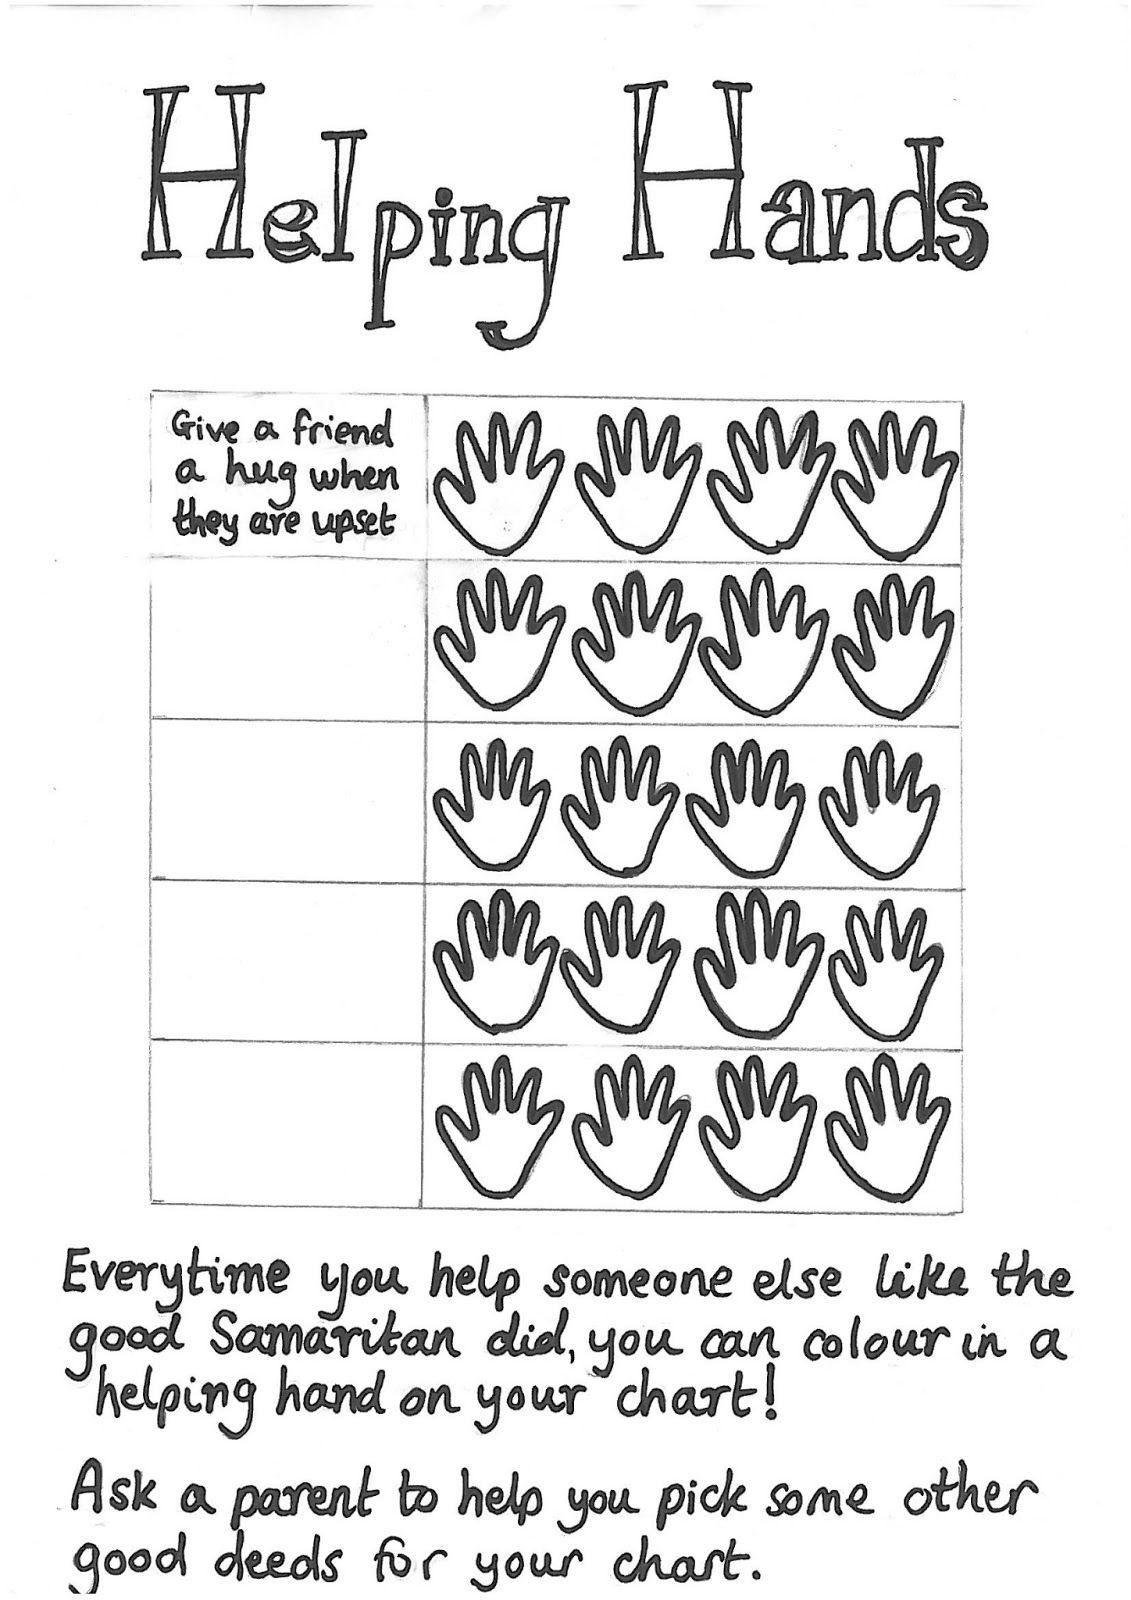 Good Samaritan Helping Hands Challenge Sunday School Preschool